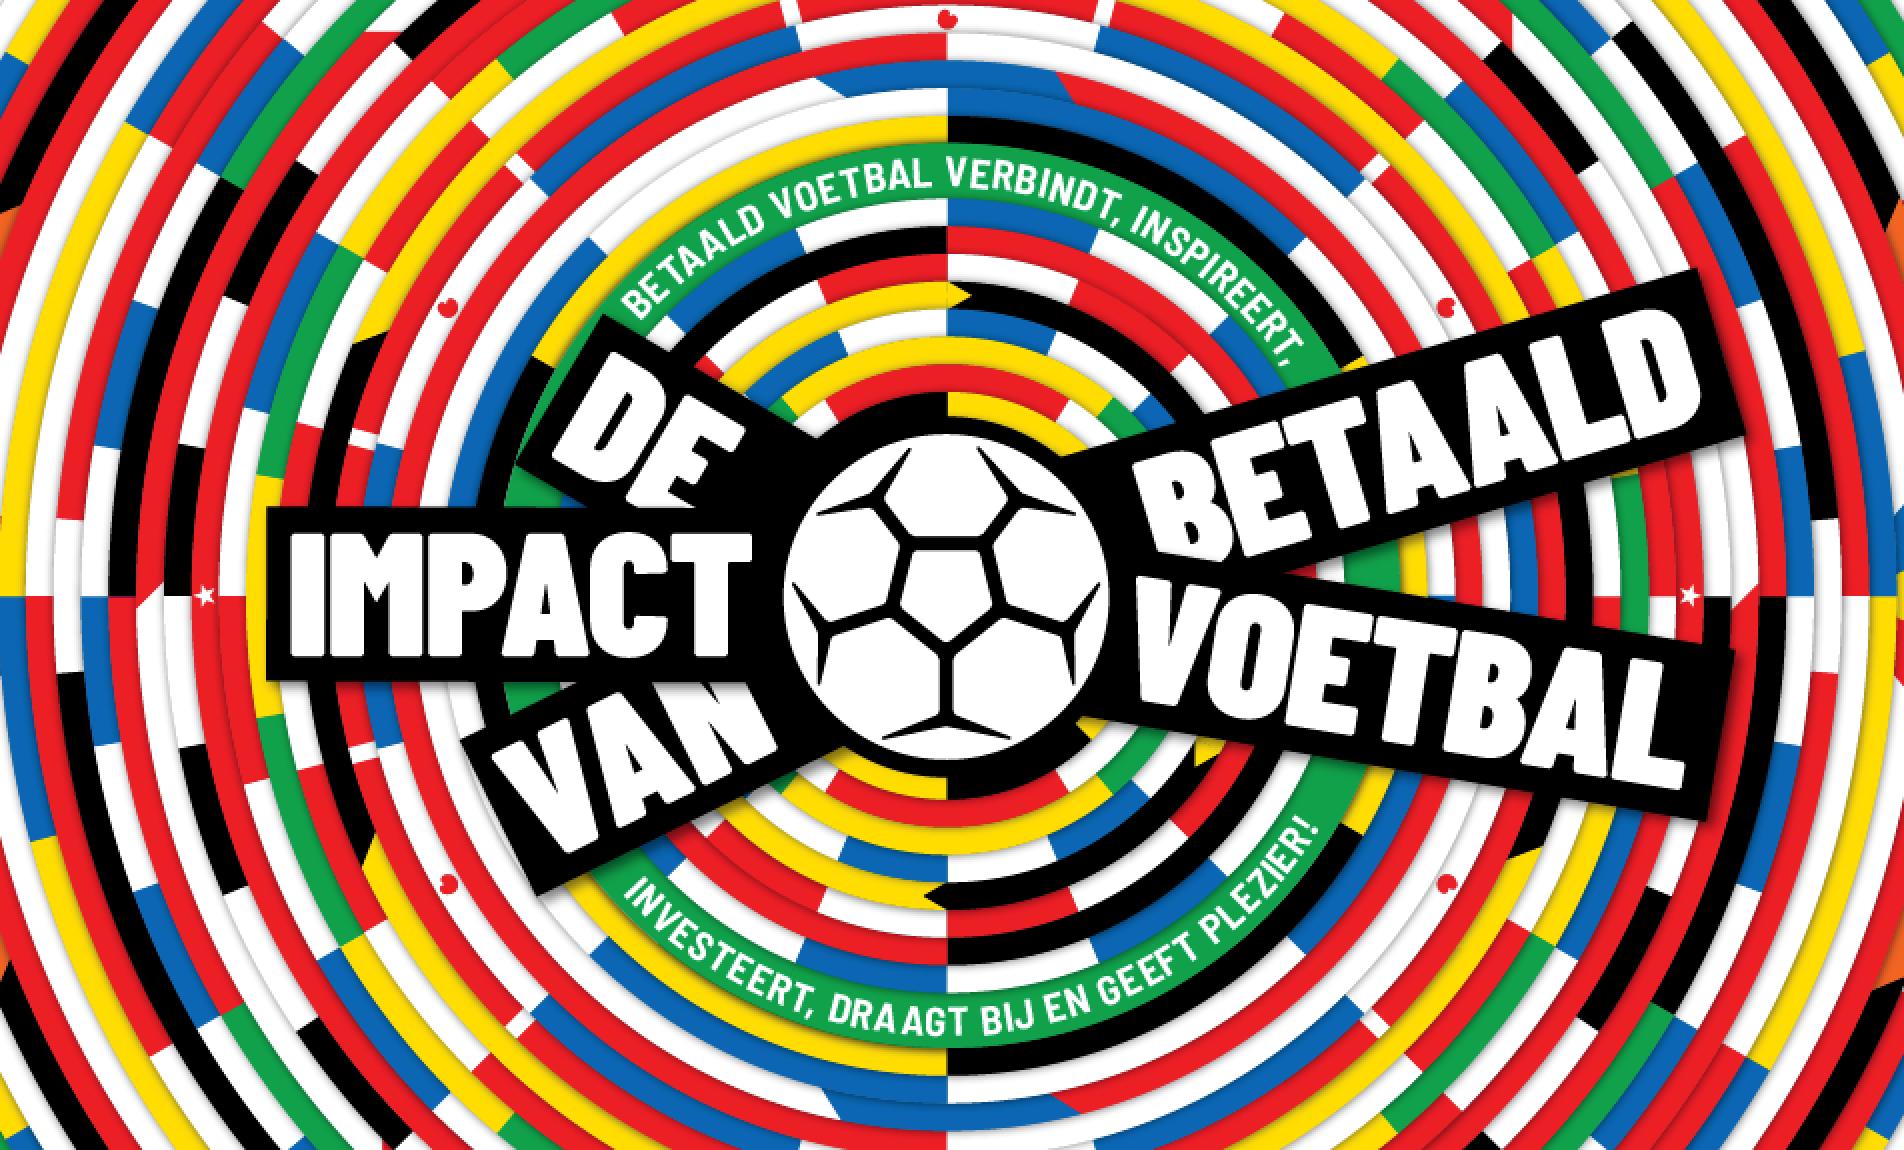 Onderzoek: betaald voetbal bindt 8,2 miljoen Nederlanders